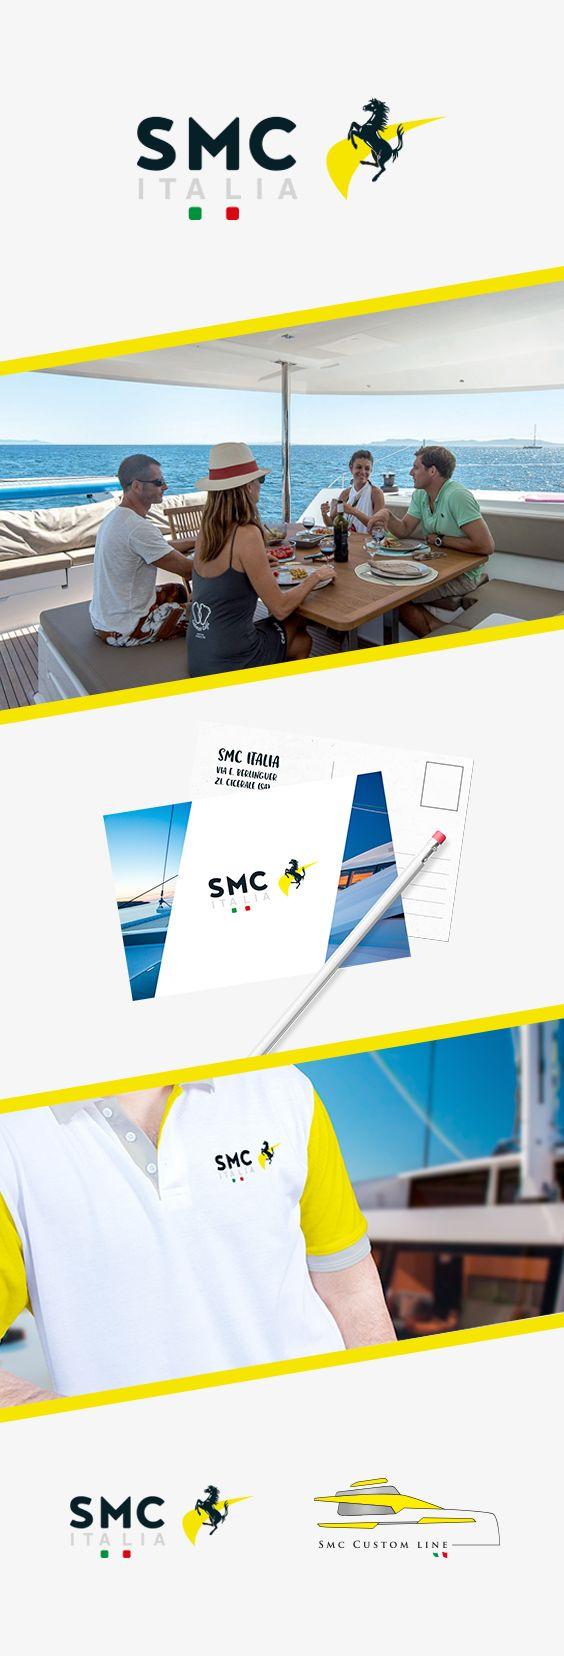 Restyling ed immagine coordinata del logo di Smc Italia, azienda specializzata nel settore nautico + Studio e realizzazione del Logo Smc Custom Line, brand dedicato alla customizzazione di catamarani di lusso.